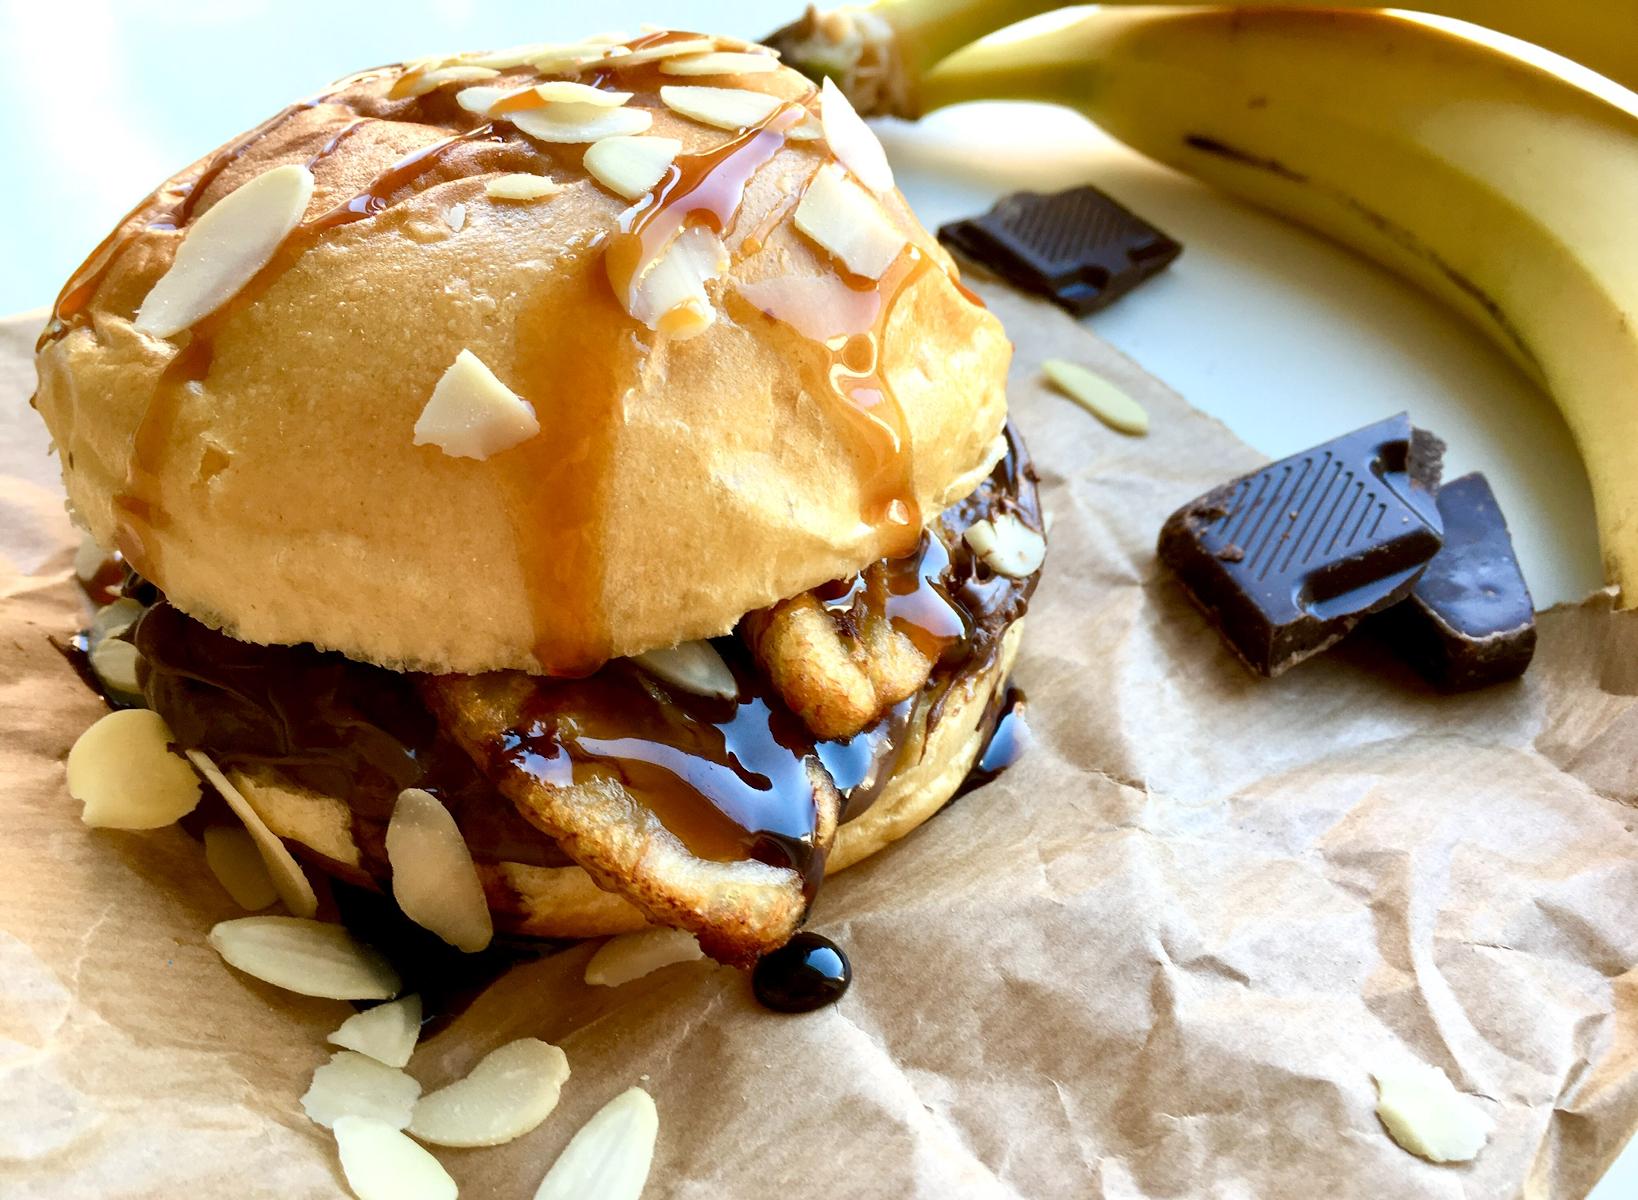 Süßer Bananen Burger mit Nussnougatcreme – ein unwiderstehliches Dessert